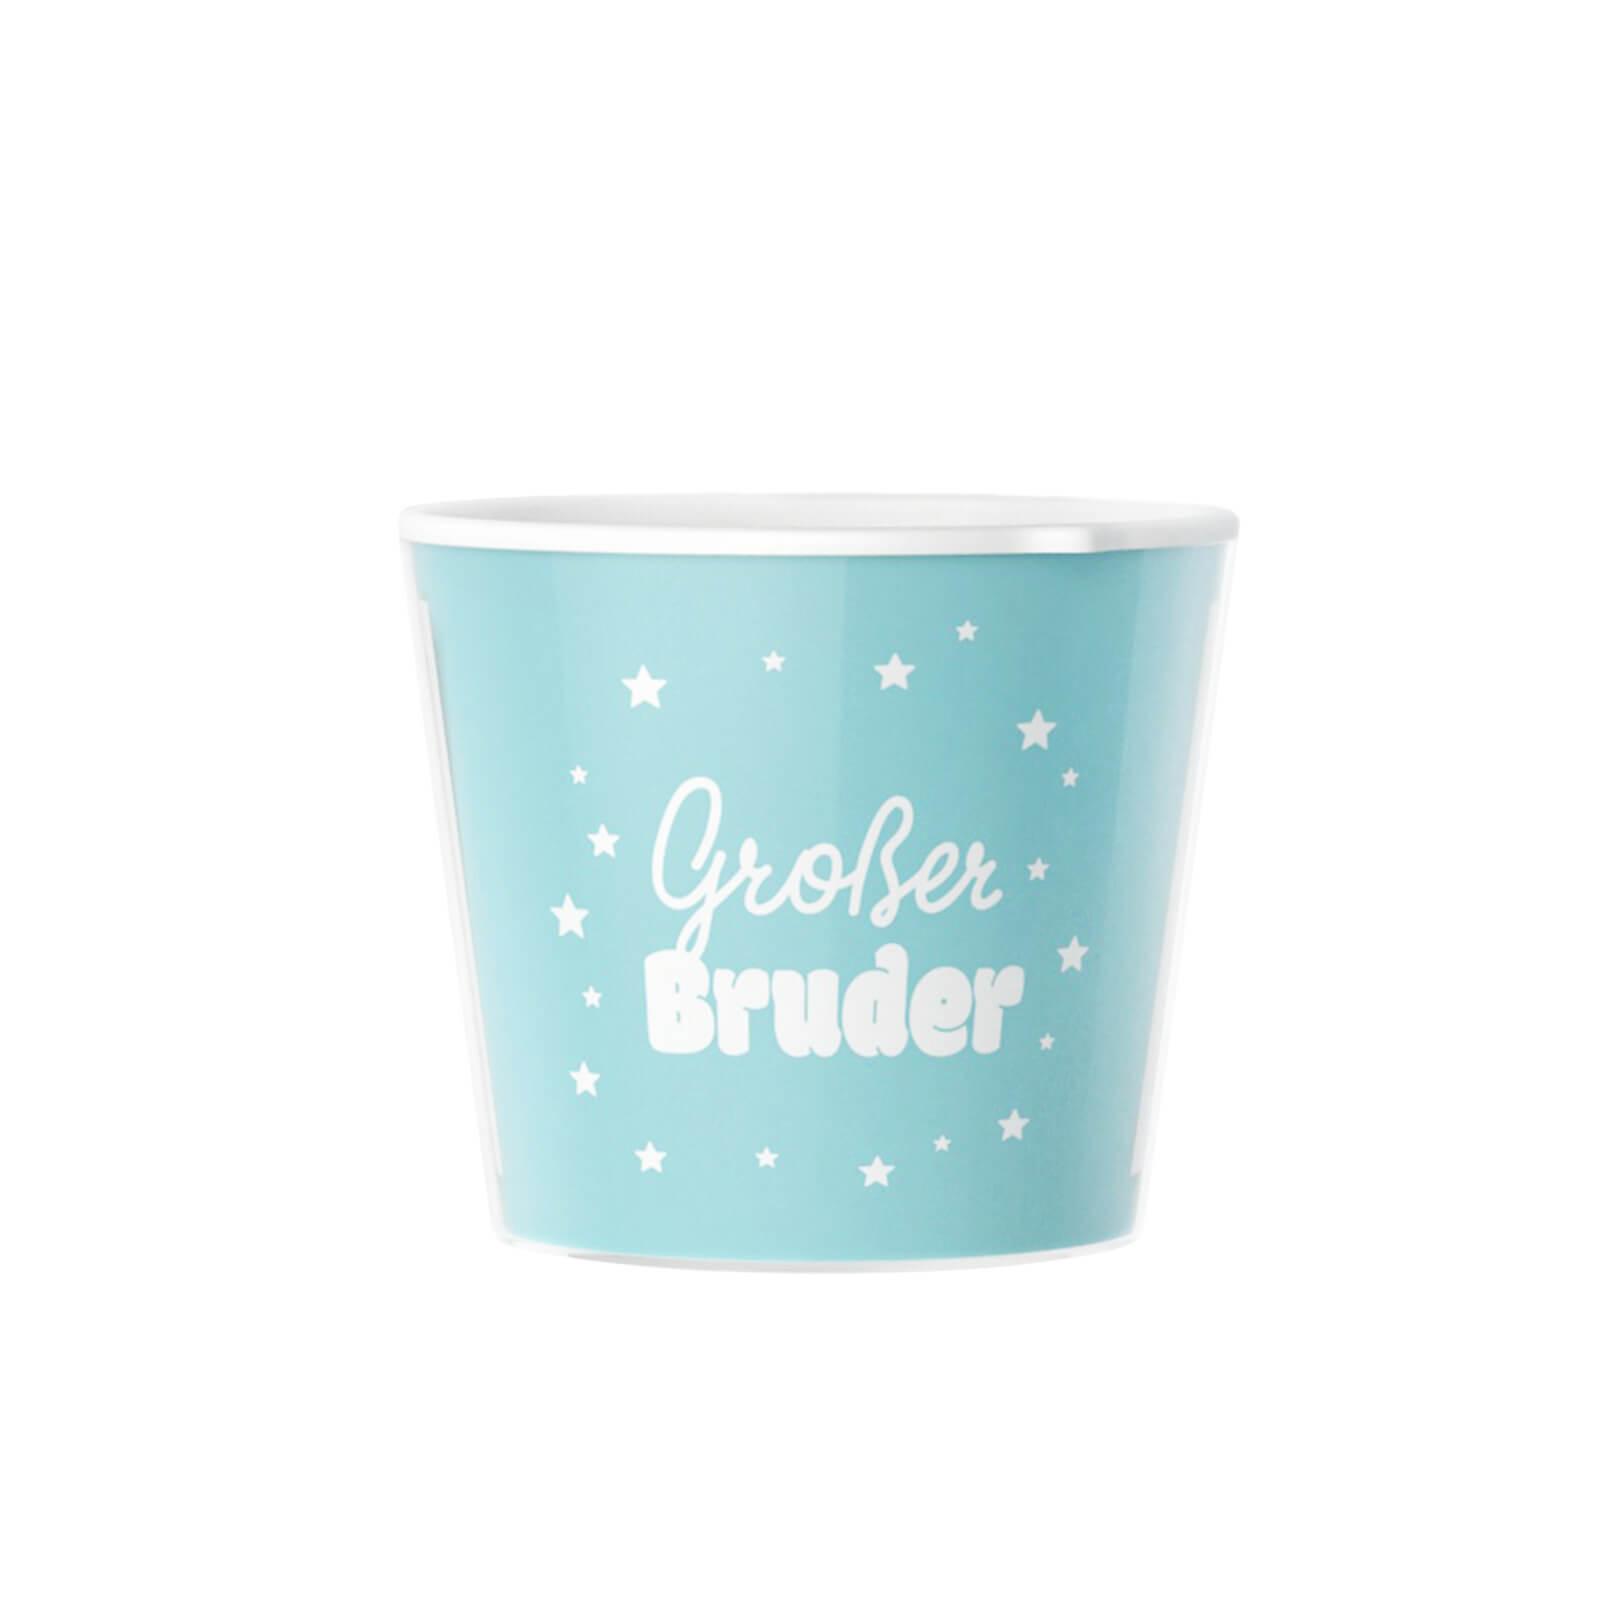 Grosser Bruder – MyFacepot